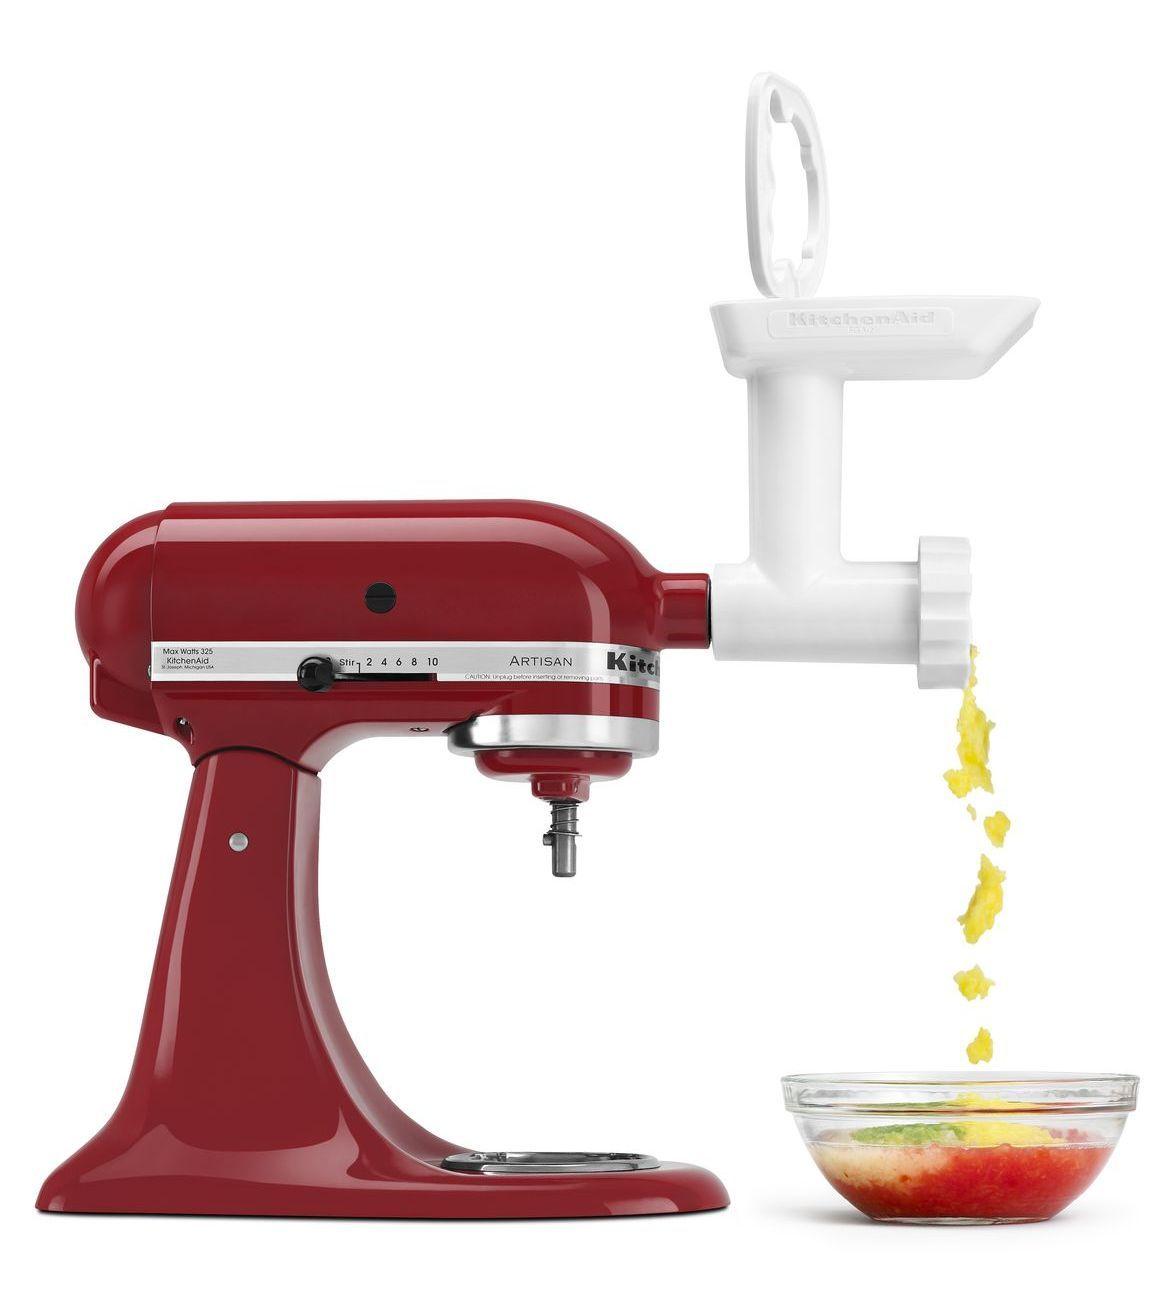 Kitchen aid kitchen aid mixer attachments